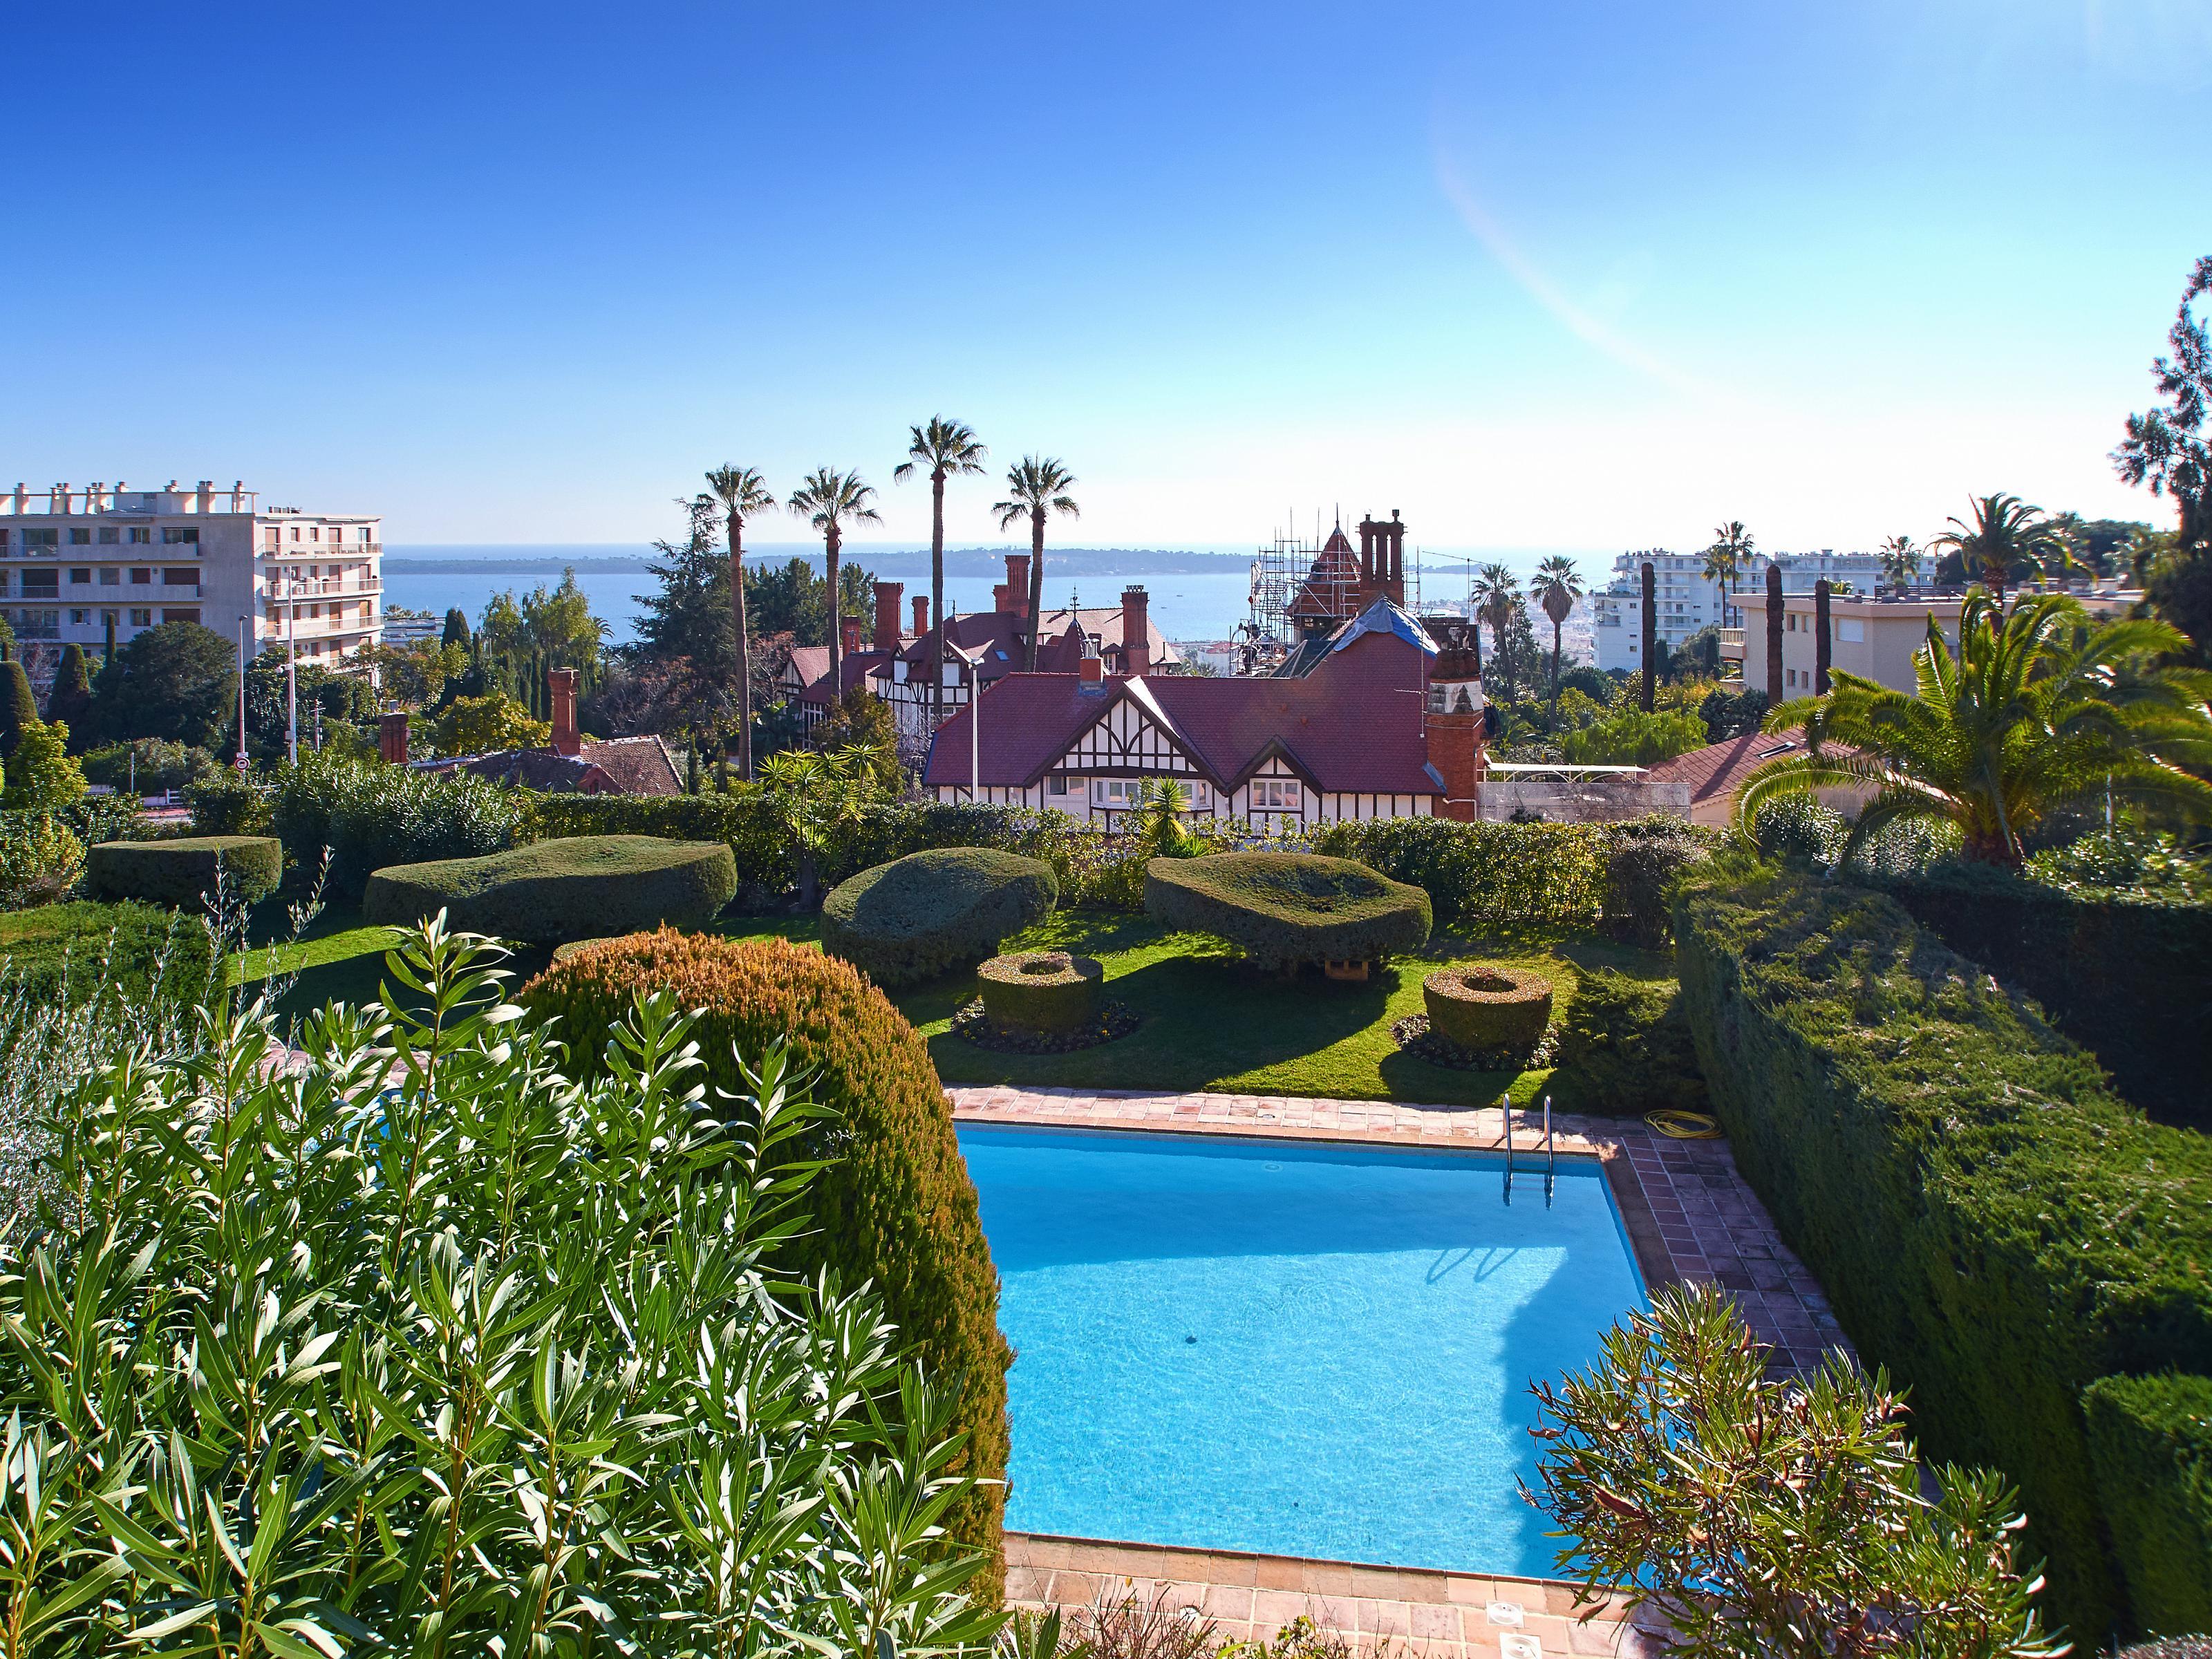 Moradia para Venda às Apartment - Sea views - Cannes Cannes, Provença-Alpes-Costa Azul 06400 França